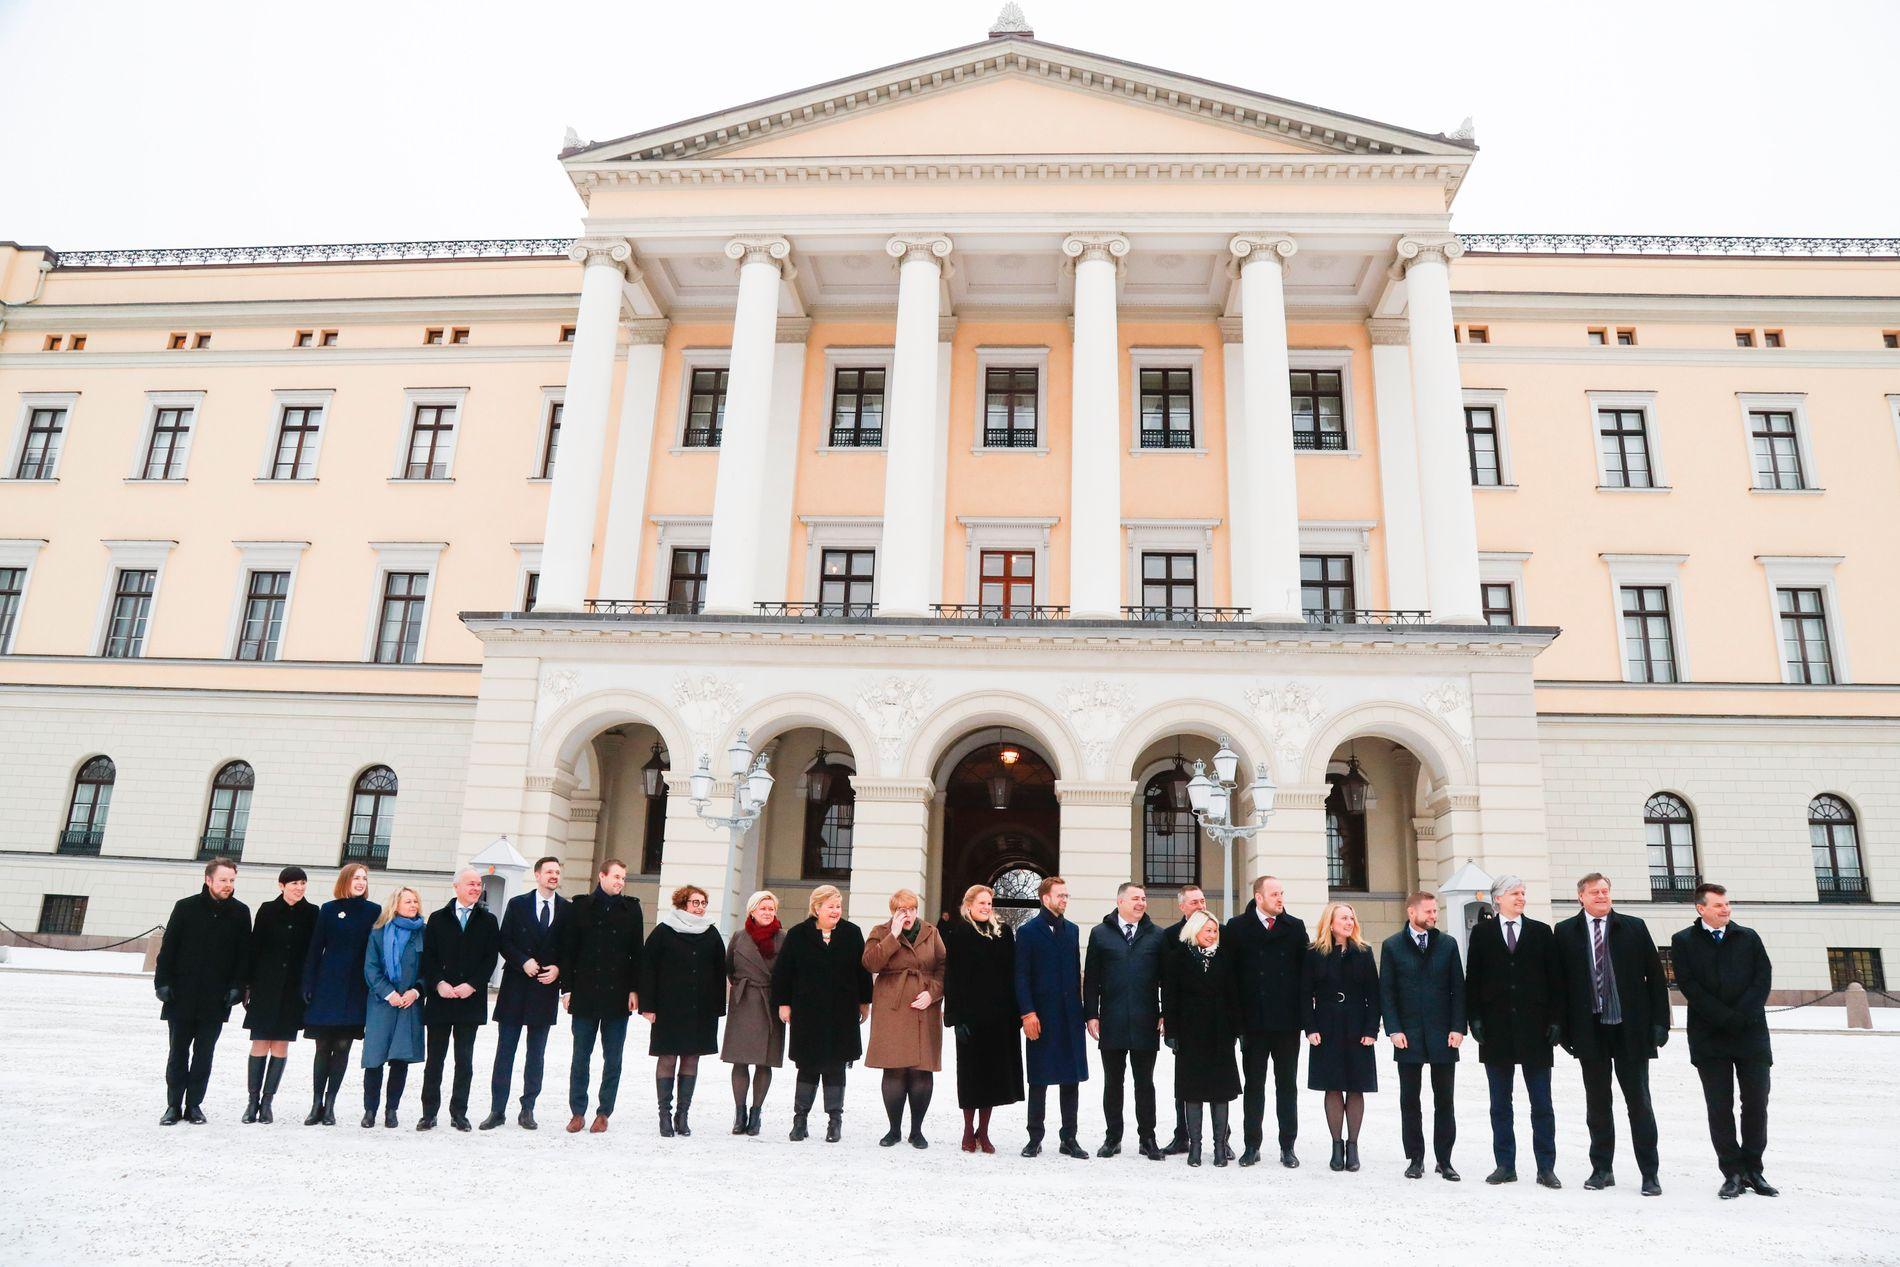 REKORDSTOR: Erna Solberg presenterte tirsdag sin nye regjeringskabal på Slottsplassen. Aldri før har det vært så mange statsråder i den norske regjeringen.